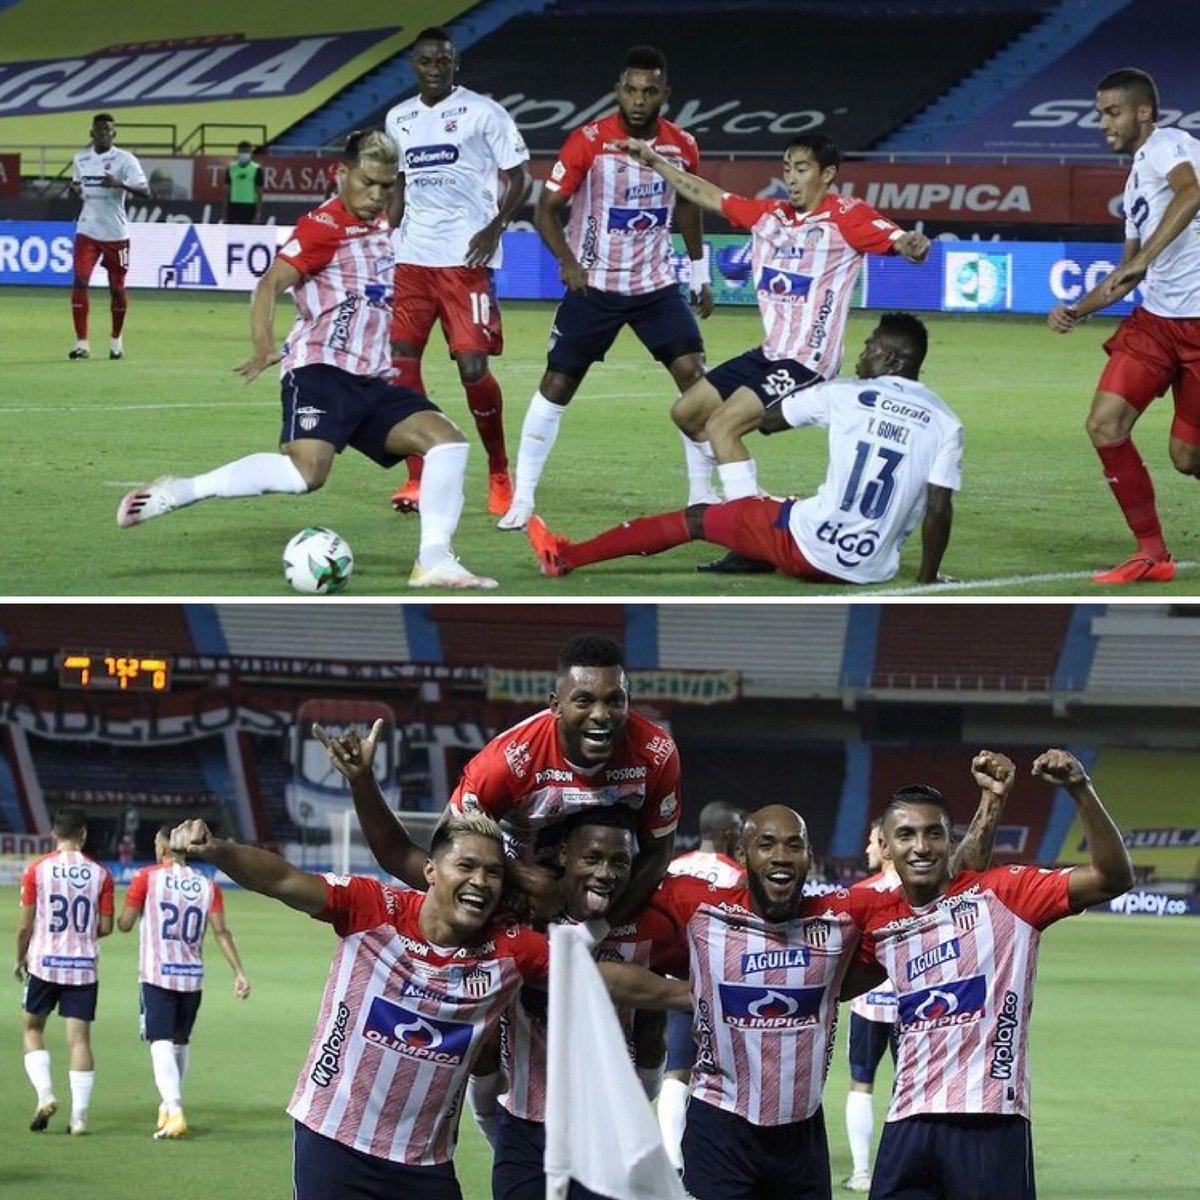 ¡VICTORIA TIBURONA 🦈! Junior de Barranquilla ❤️ ganó por la mínima diferencia de local en el estadio 🏟 Metropolitano ante Medellín 🤍 por la fecha 1 de la Liga Betplay 2021 🏆. . . . #juniordebarranquilla #independientemedellin #colombia #futbol #ligabetplay #futbol_colombia10